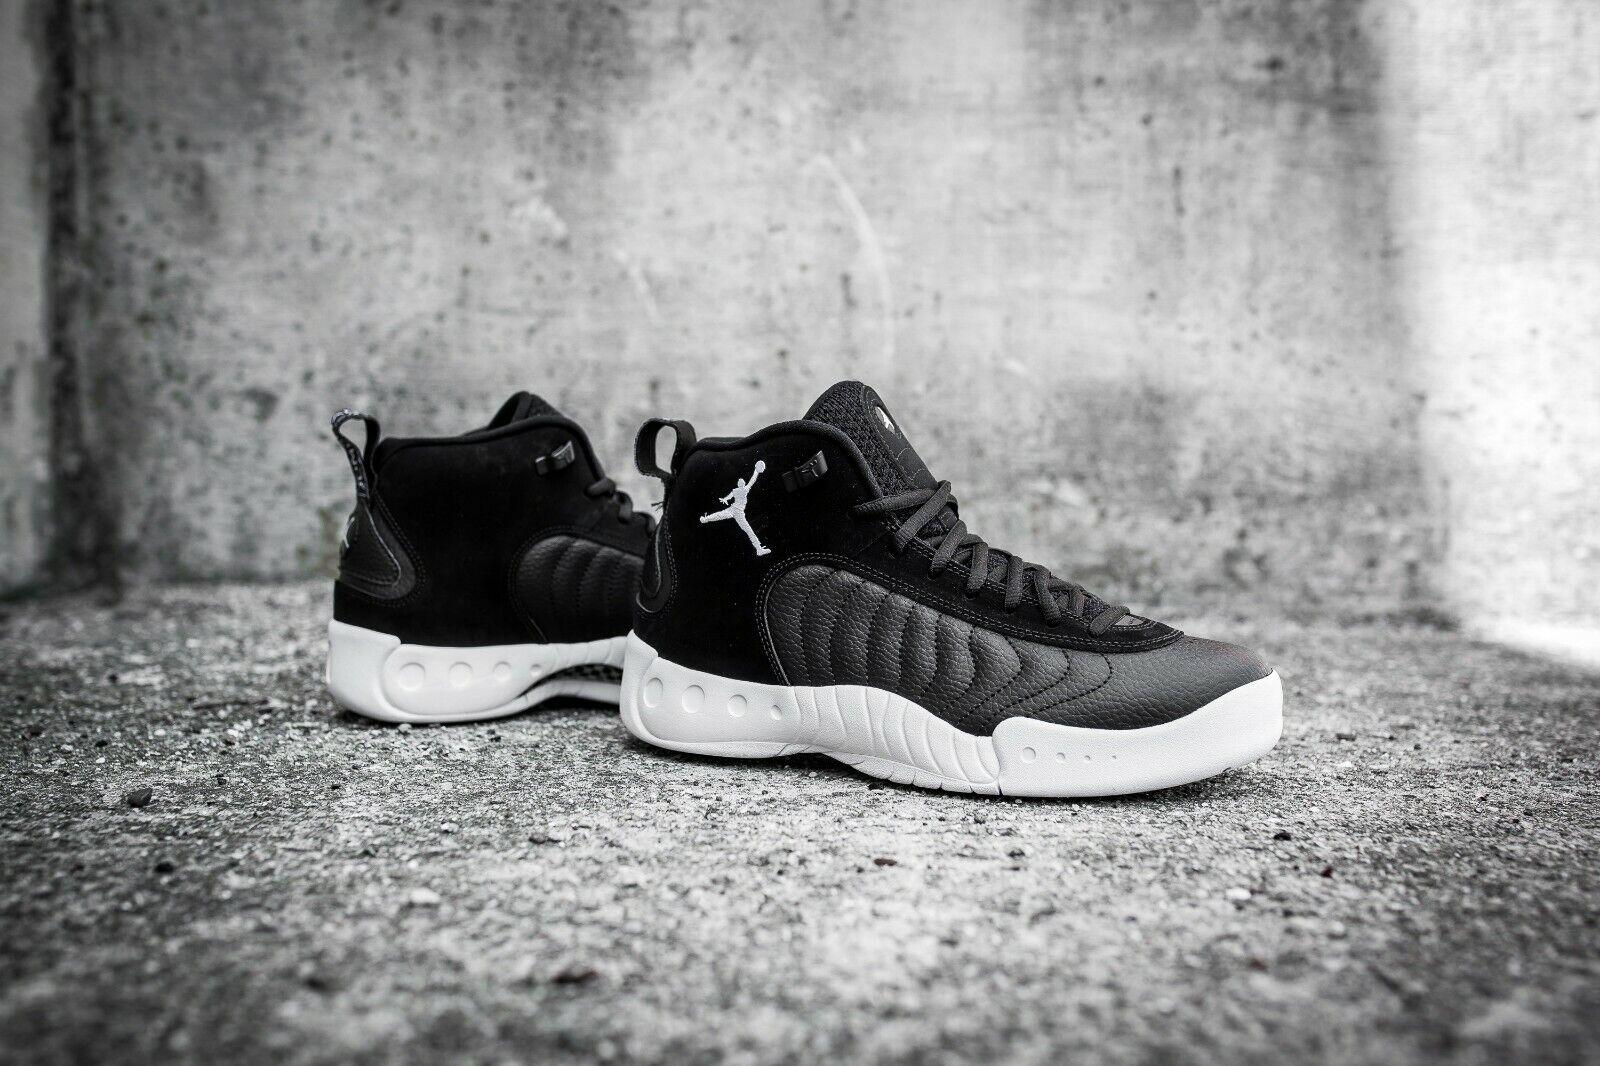 New Nike Jordan Jumpman Pro Size US 11 Black White Leather Men's 906876 010